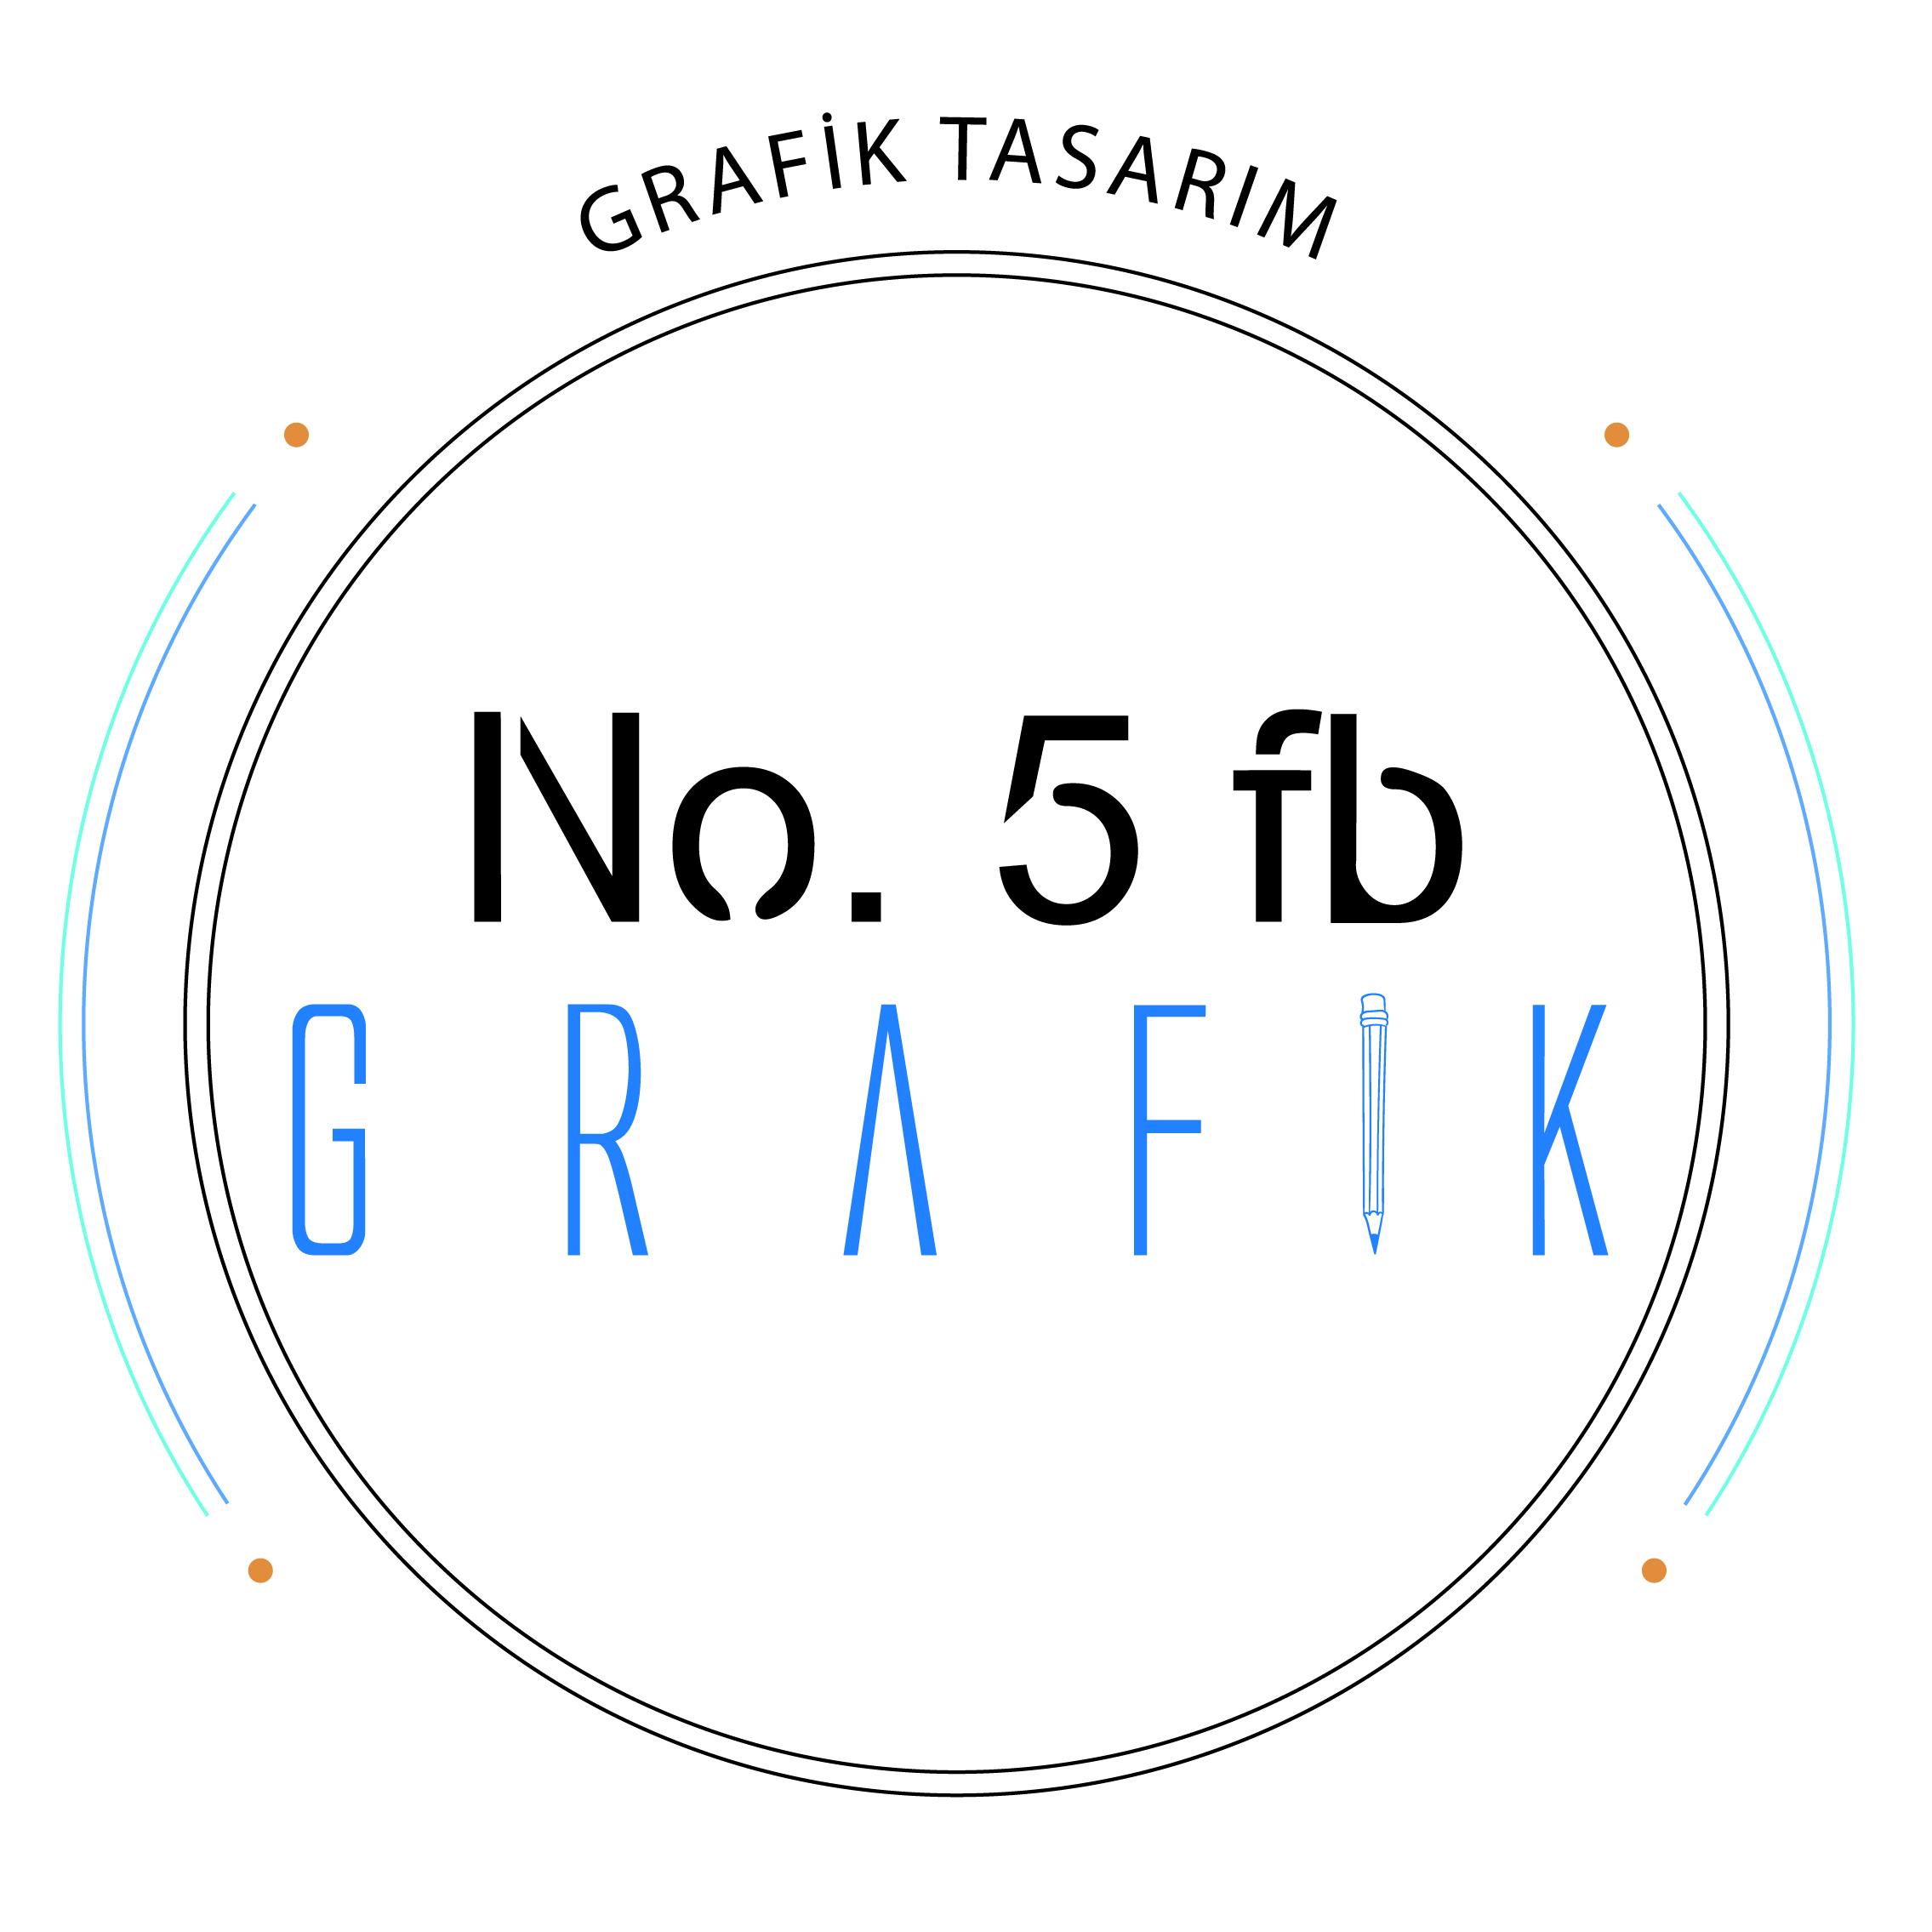 No. 5 fb